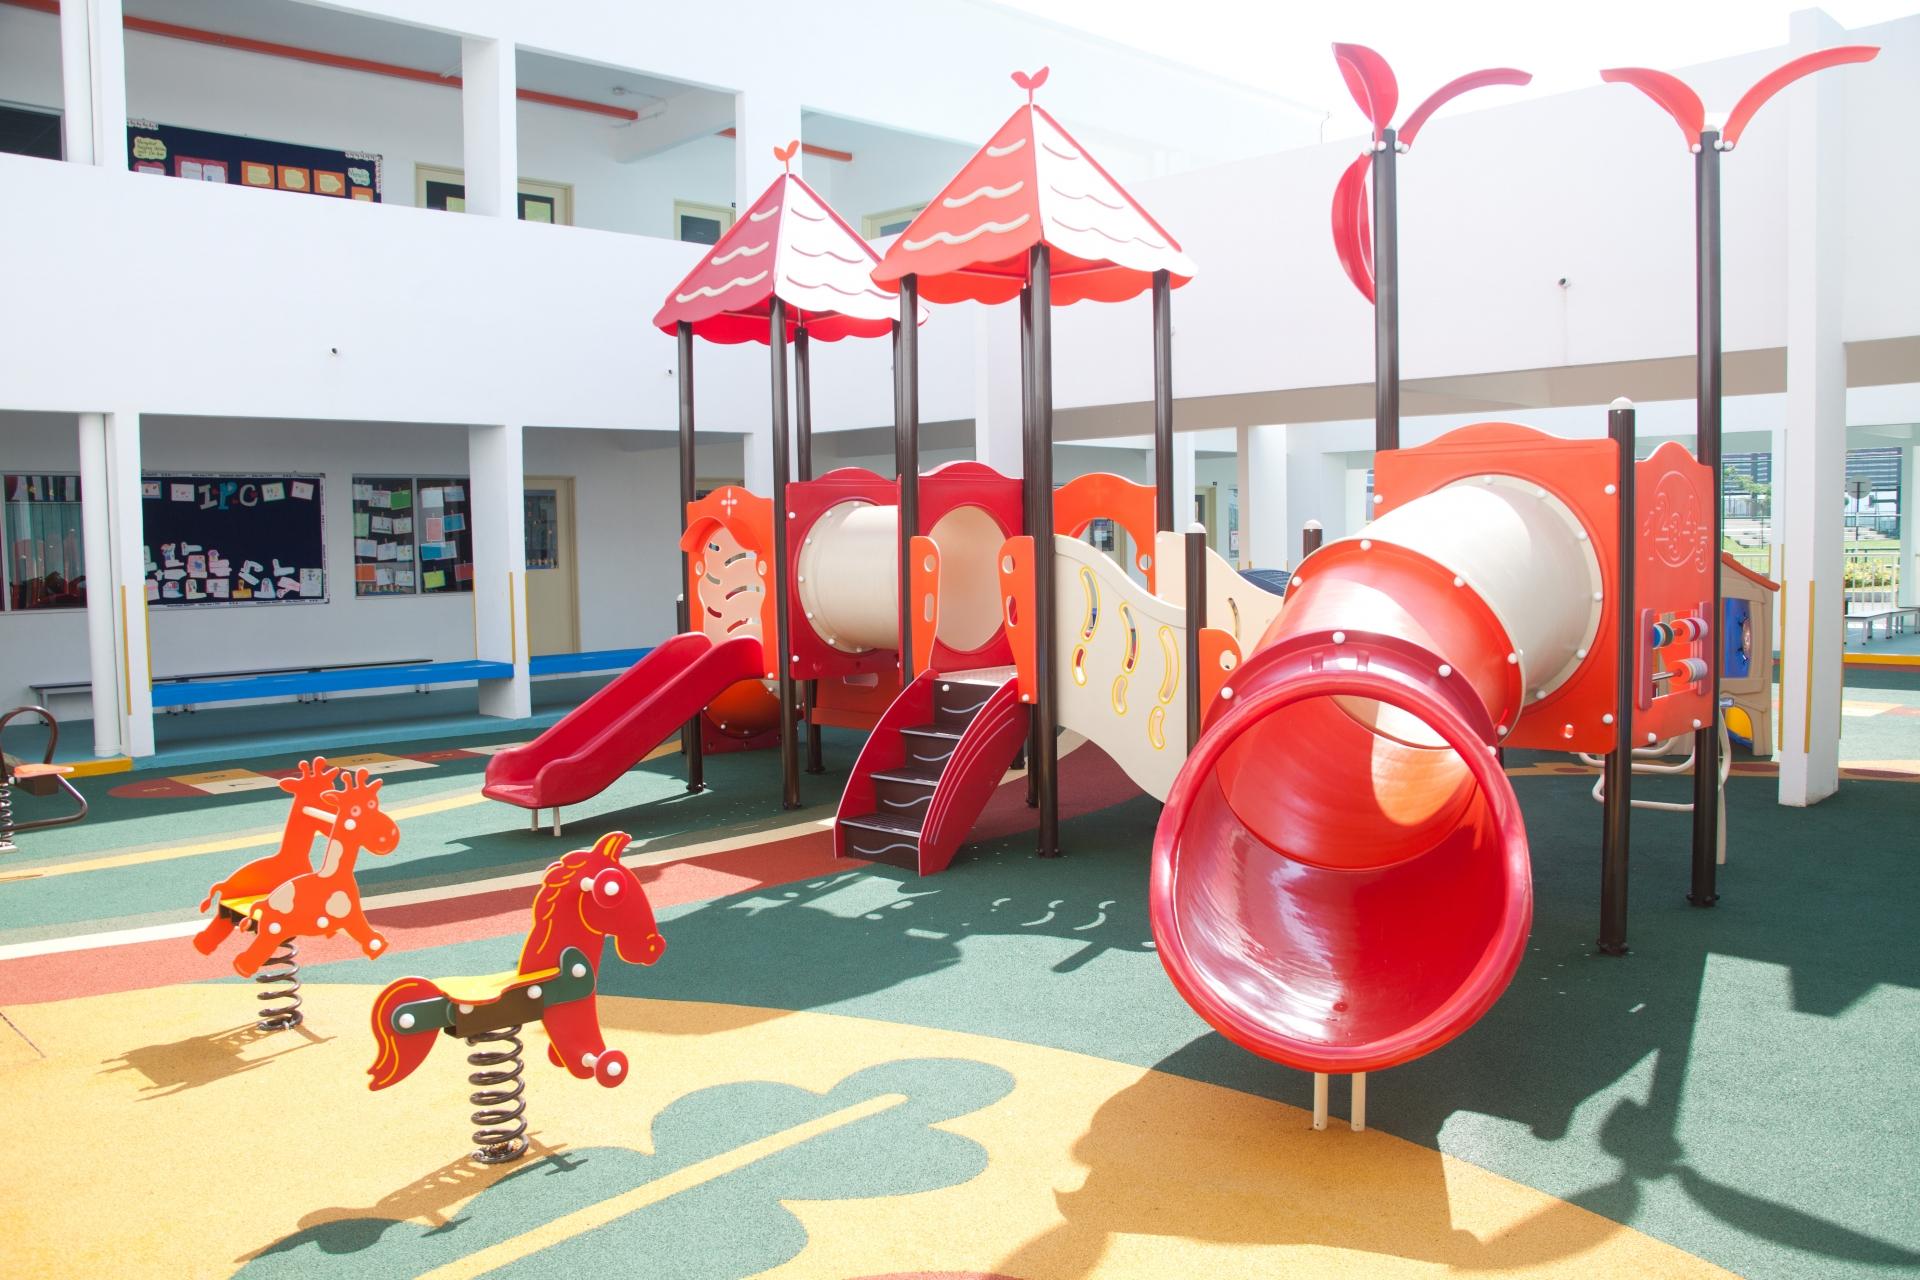 共働きで幼稚園に通わせるメリットとデメリット。長期休みはどうする?